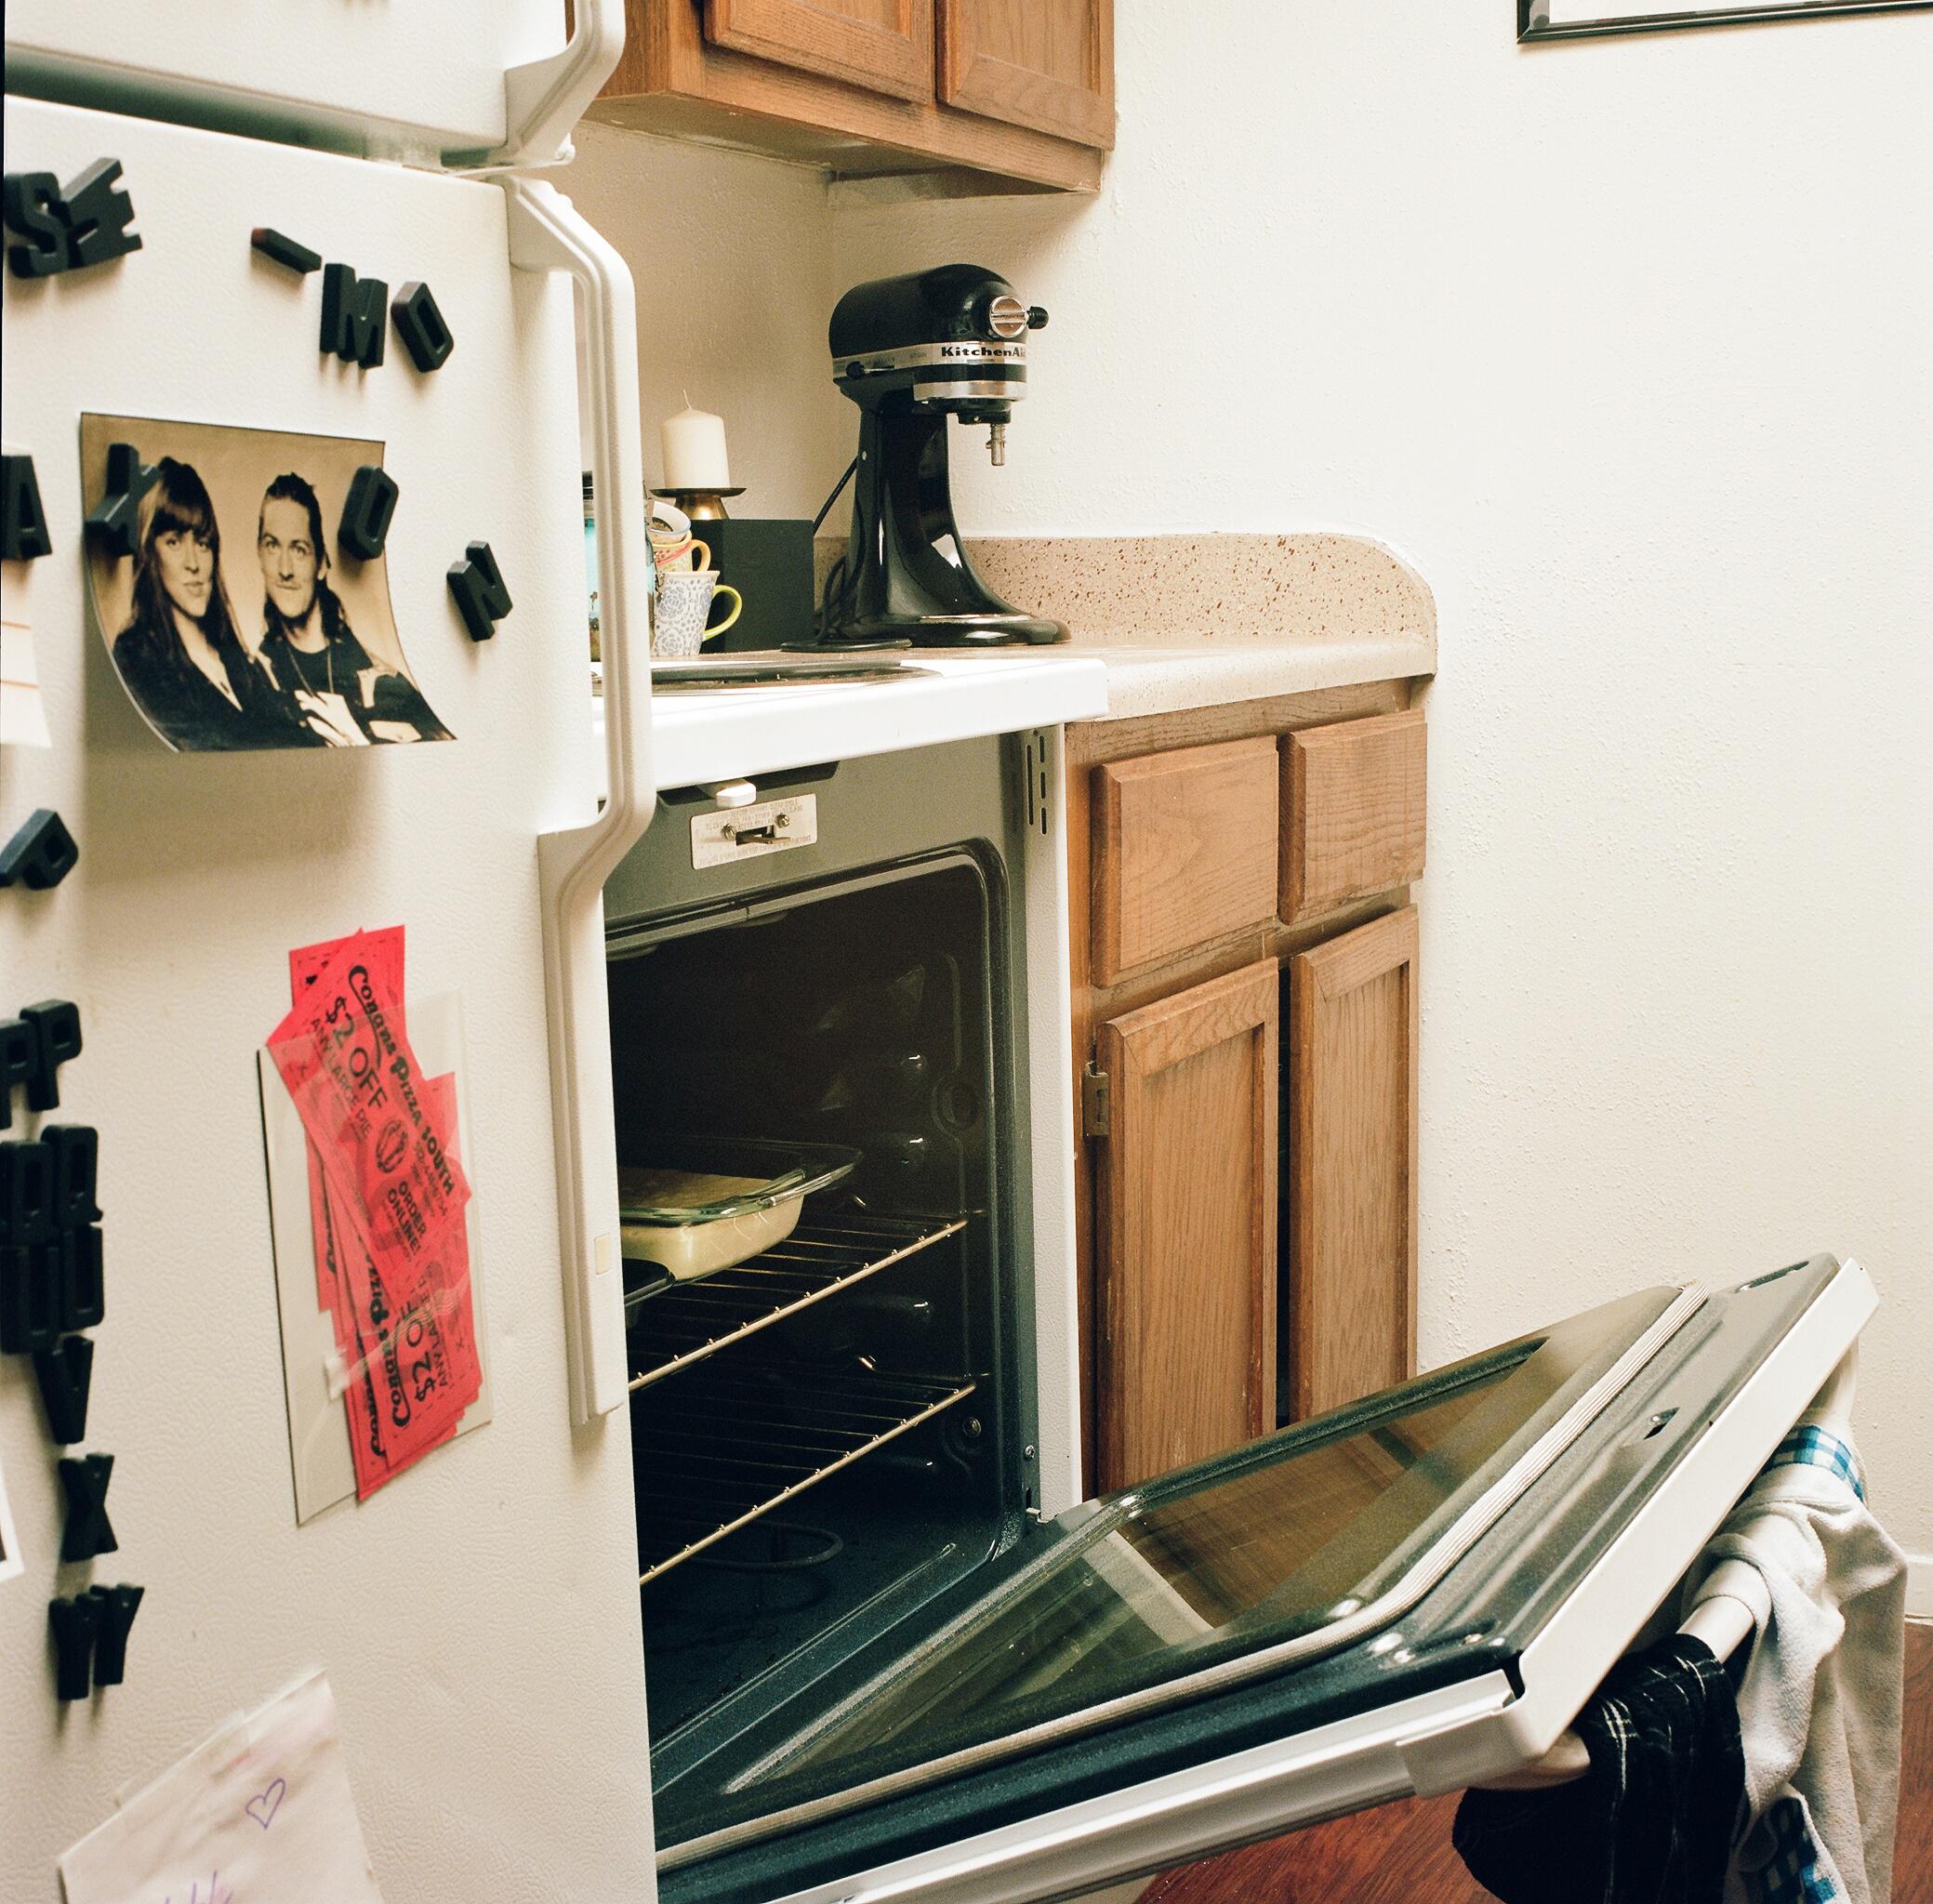 brileynoel_fridge1